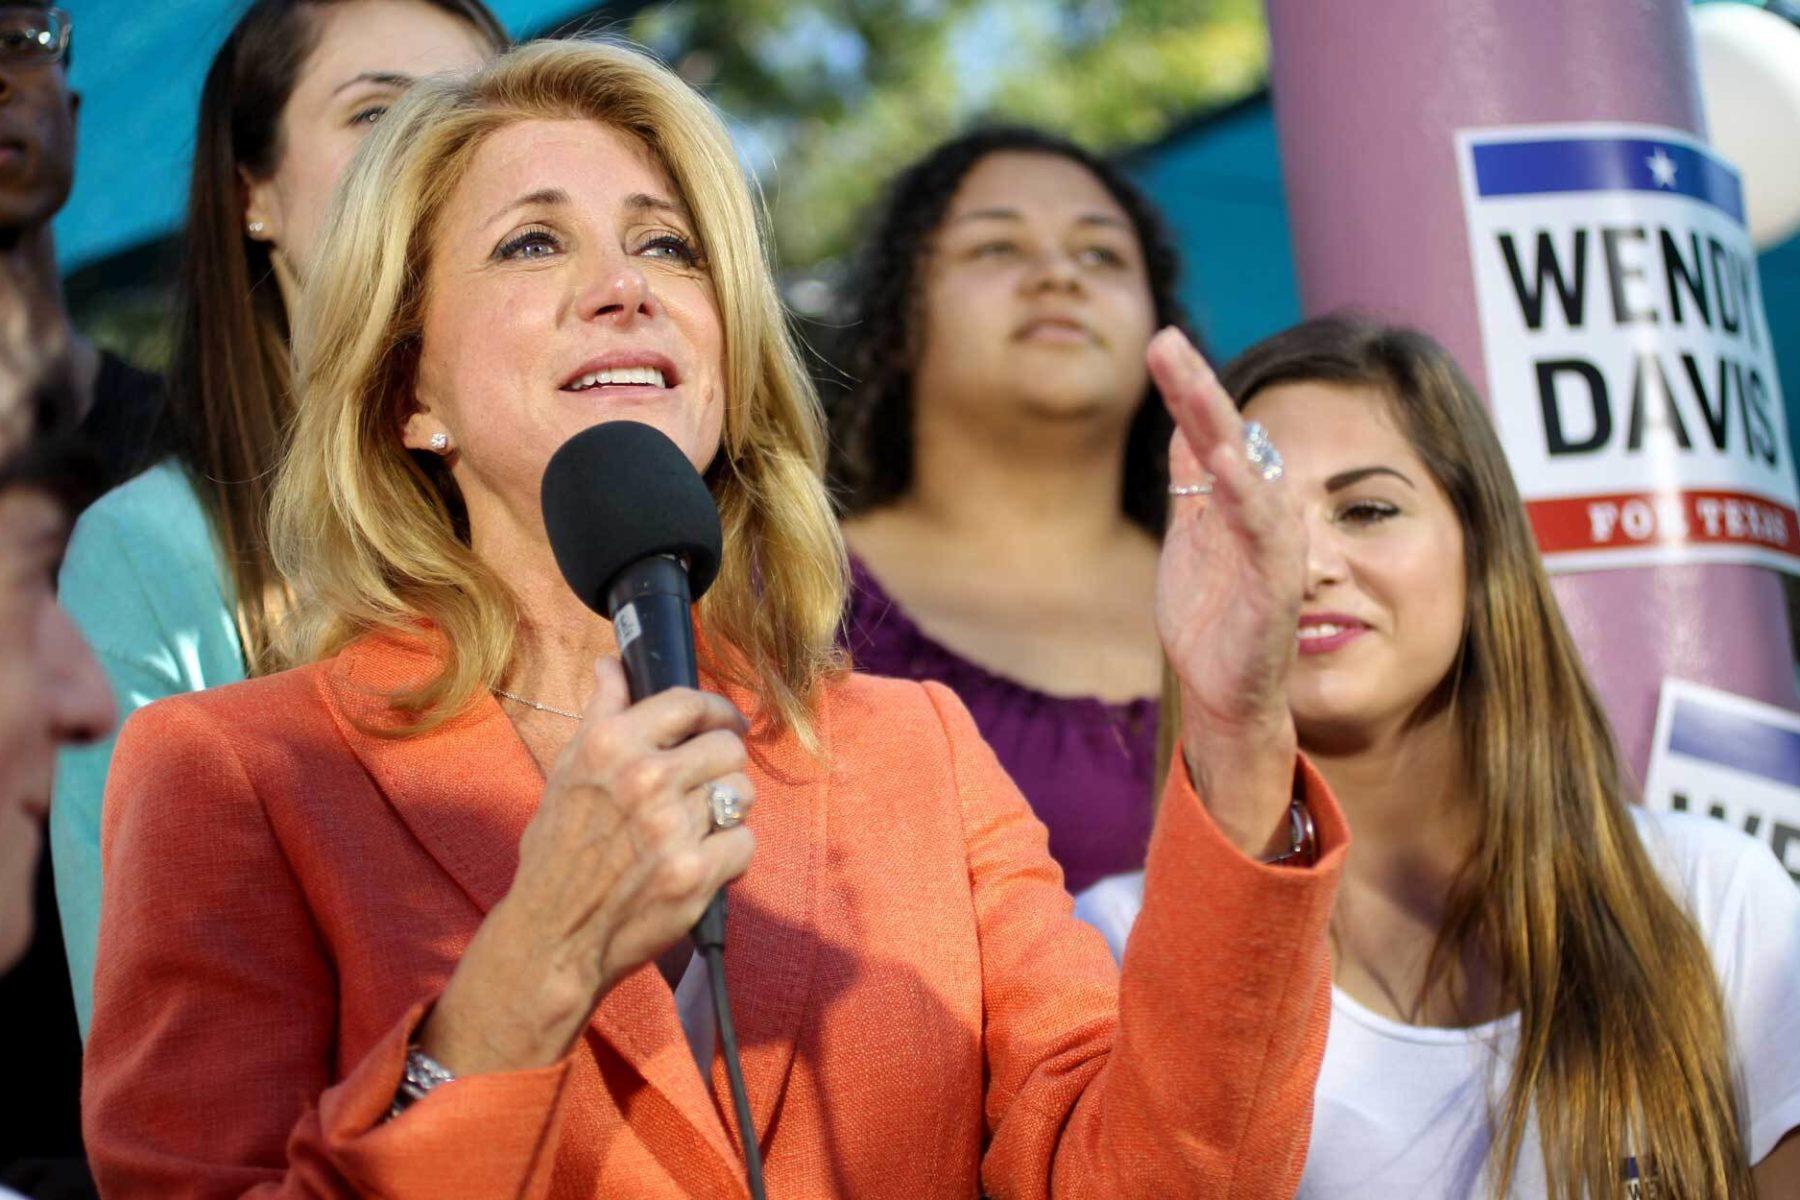 Wendy Davis gives a speech at a rally.